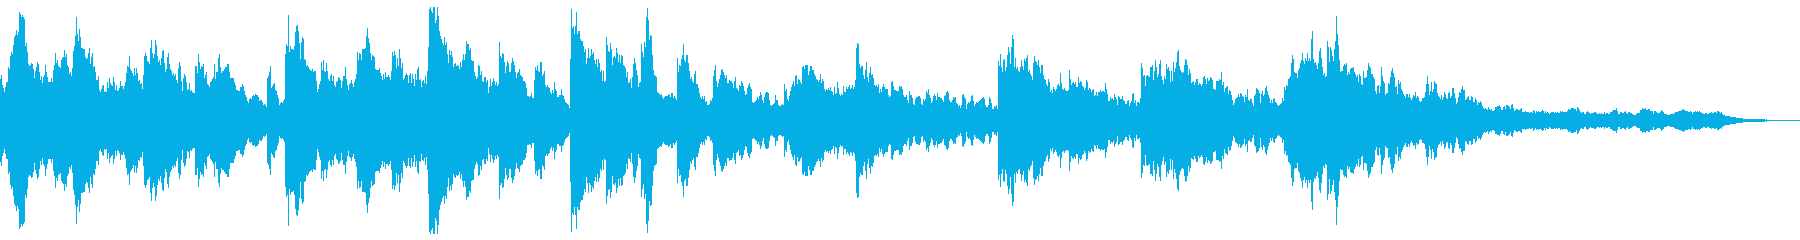 ハープの癒し リラクゼーションの再生済みの波形